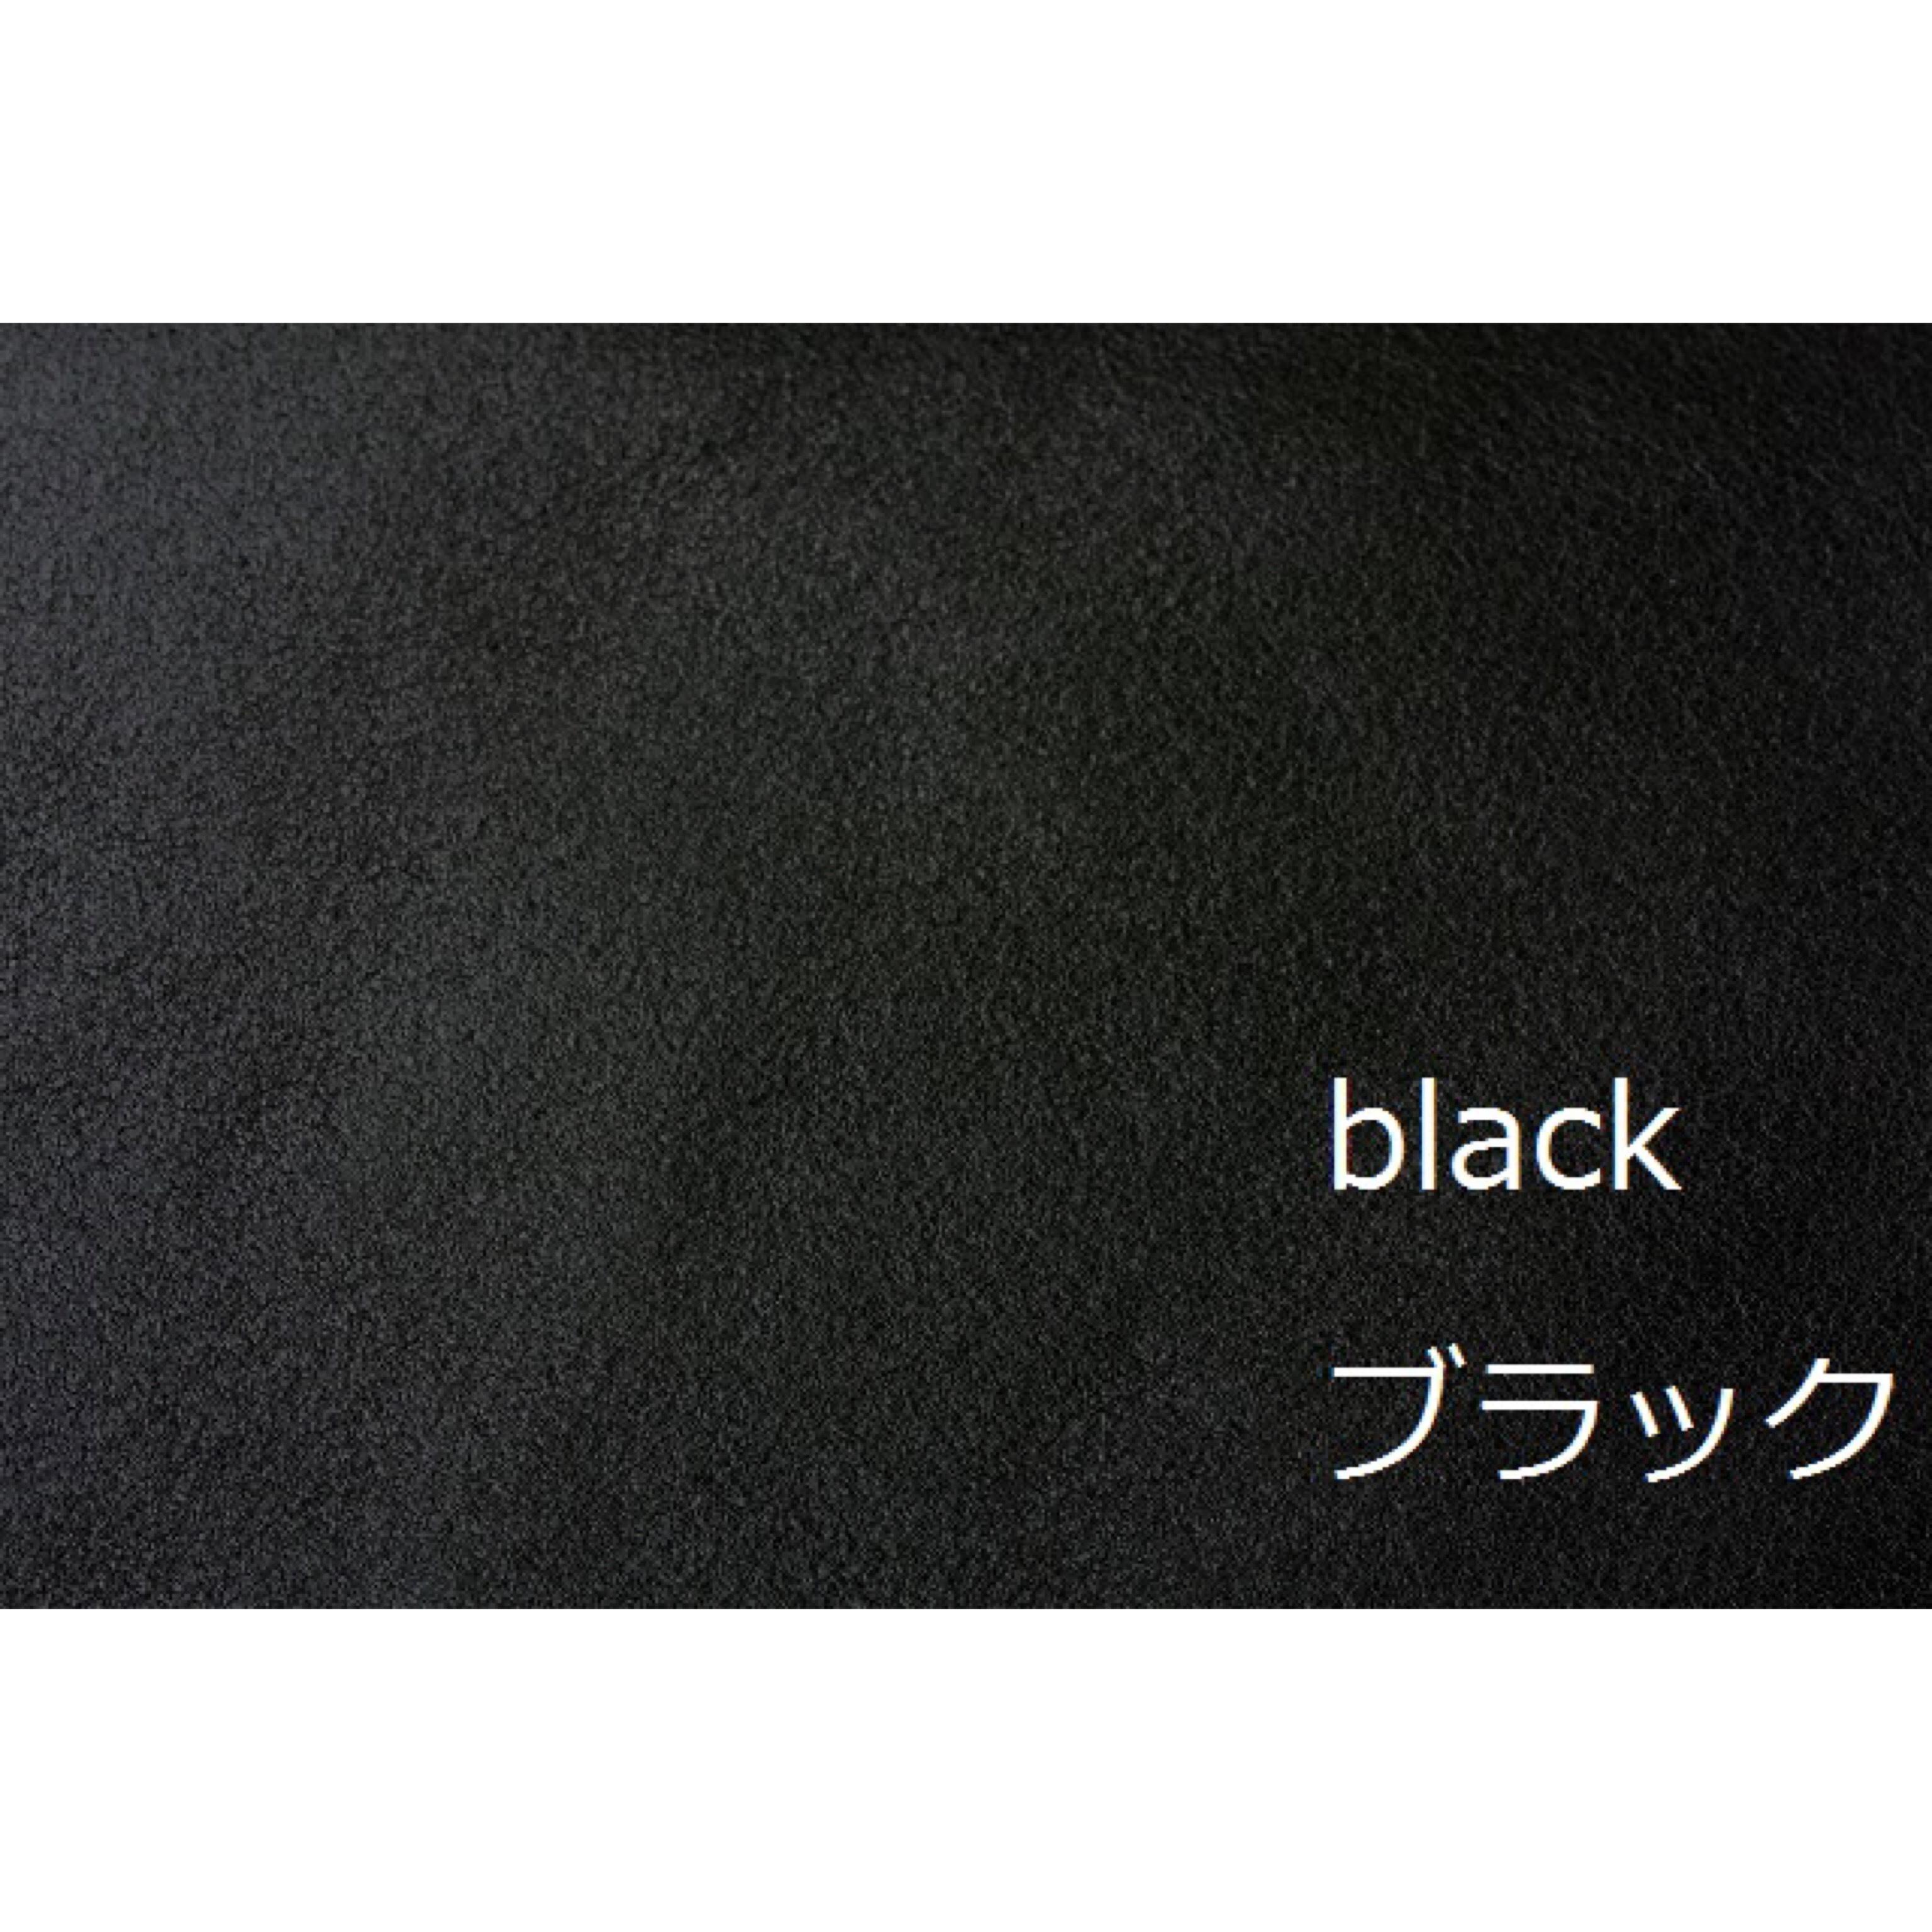 レザー通帳ケース◽︎1冊入タイプ◽︎    PASSBOOK CASE - 画像3